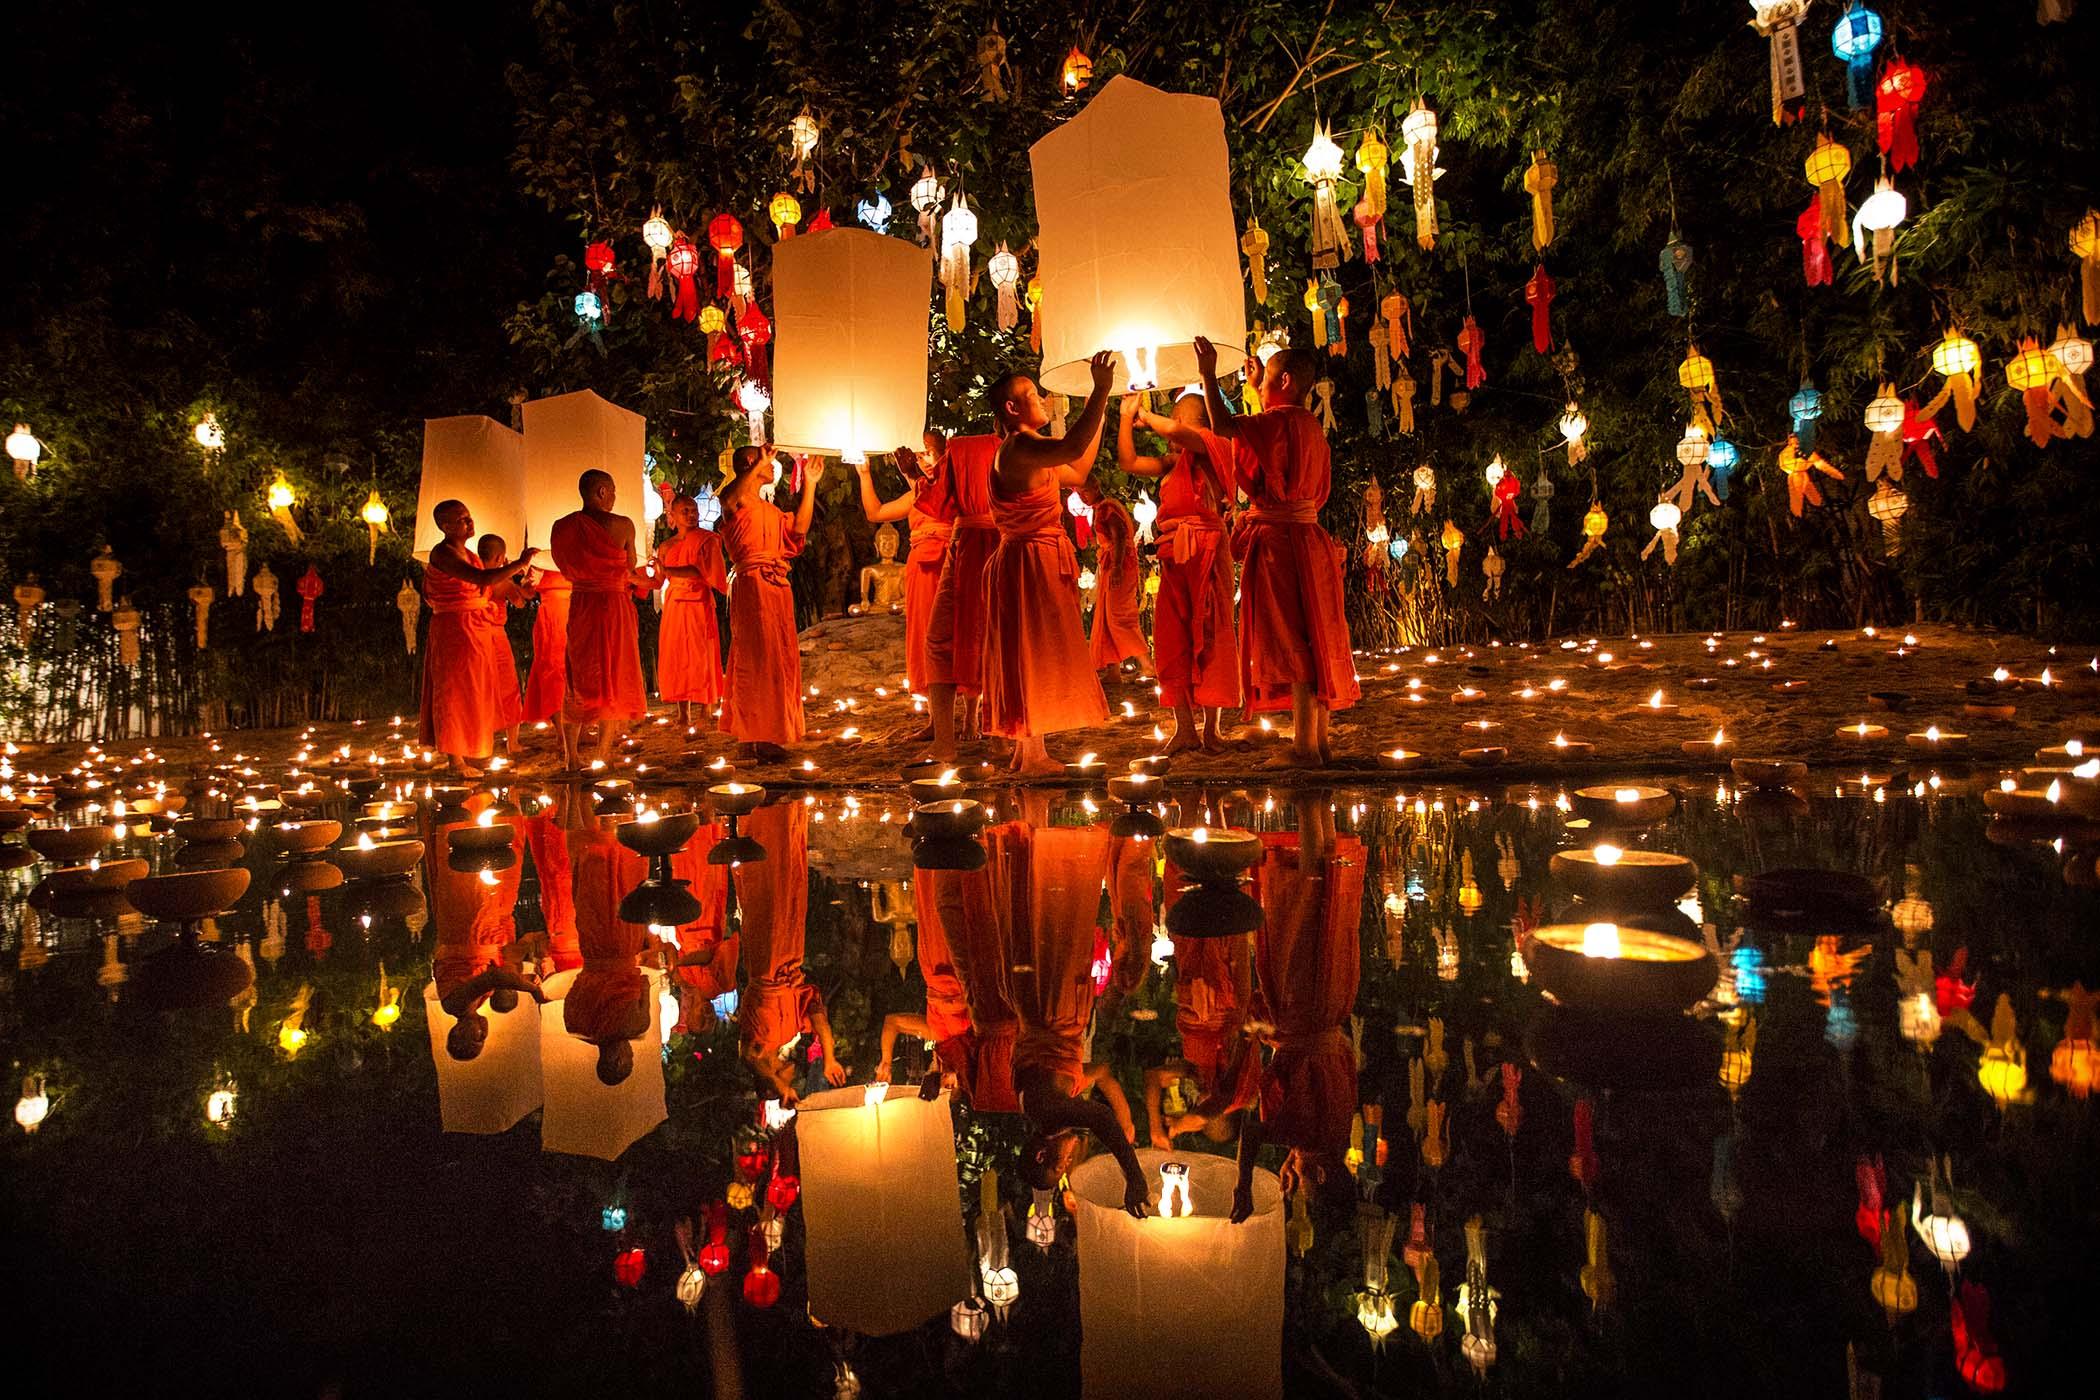 камбоджа, достопримечательности камбоджи, пномпень